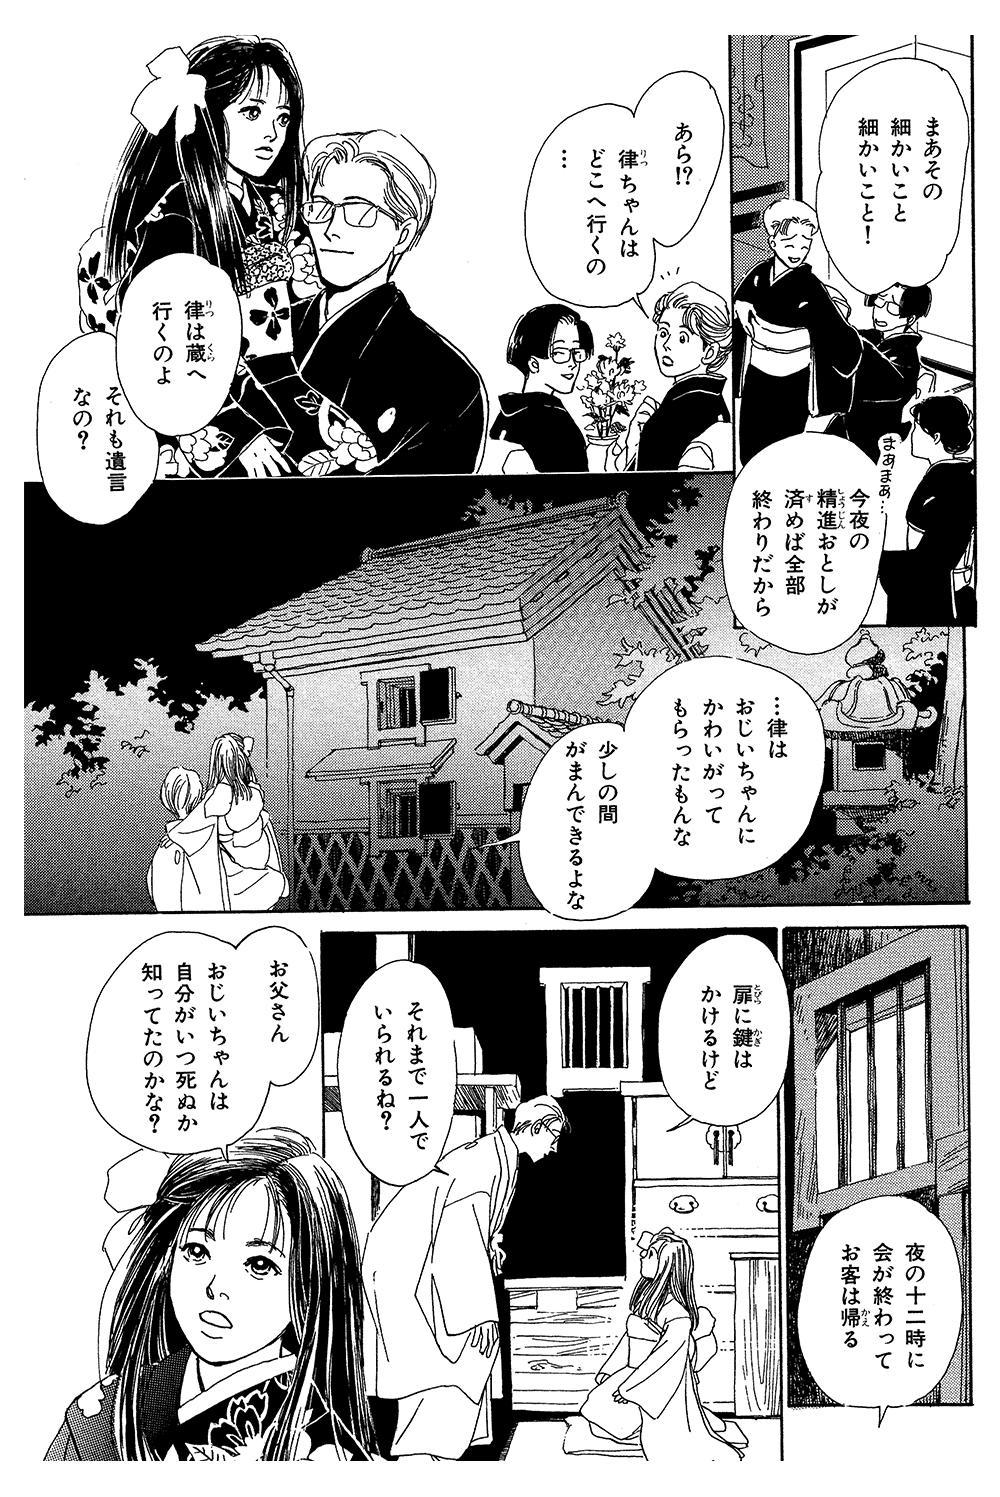 百鬼夜行抄 序章「精進おとしの客」hyakki03.jpg